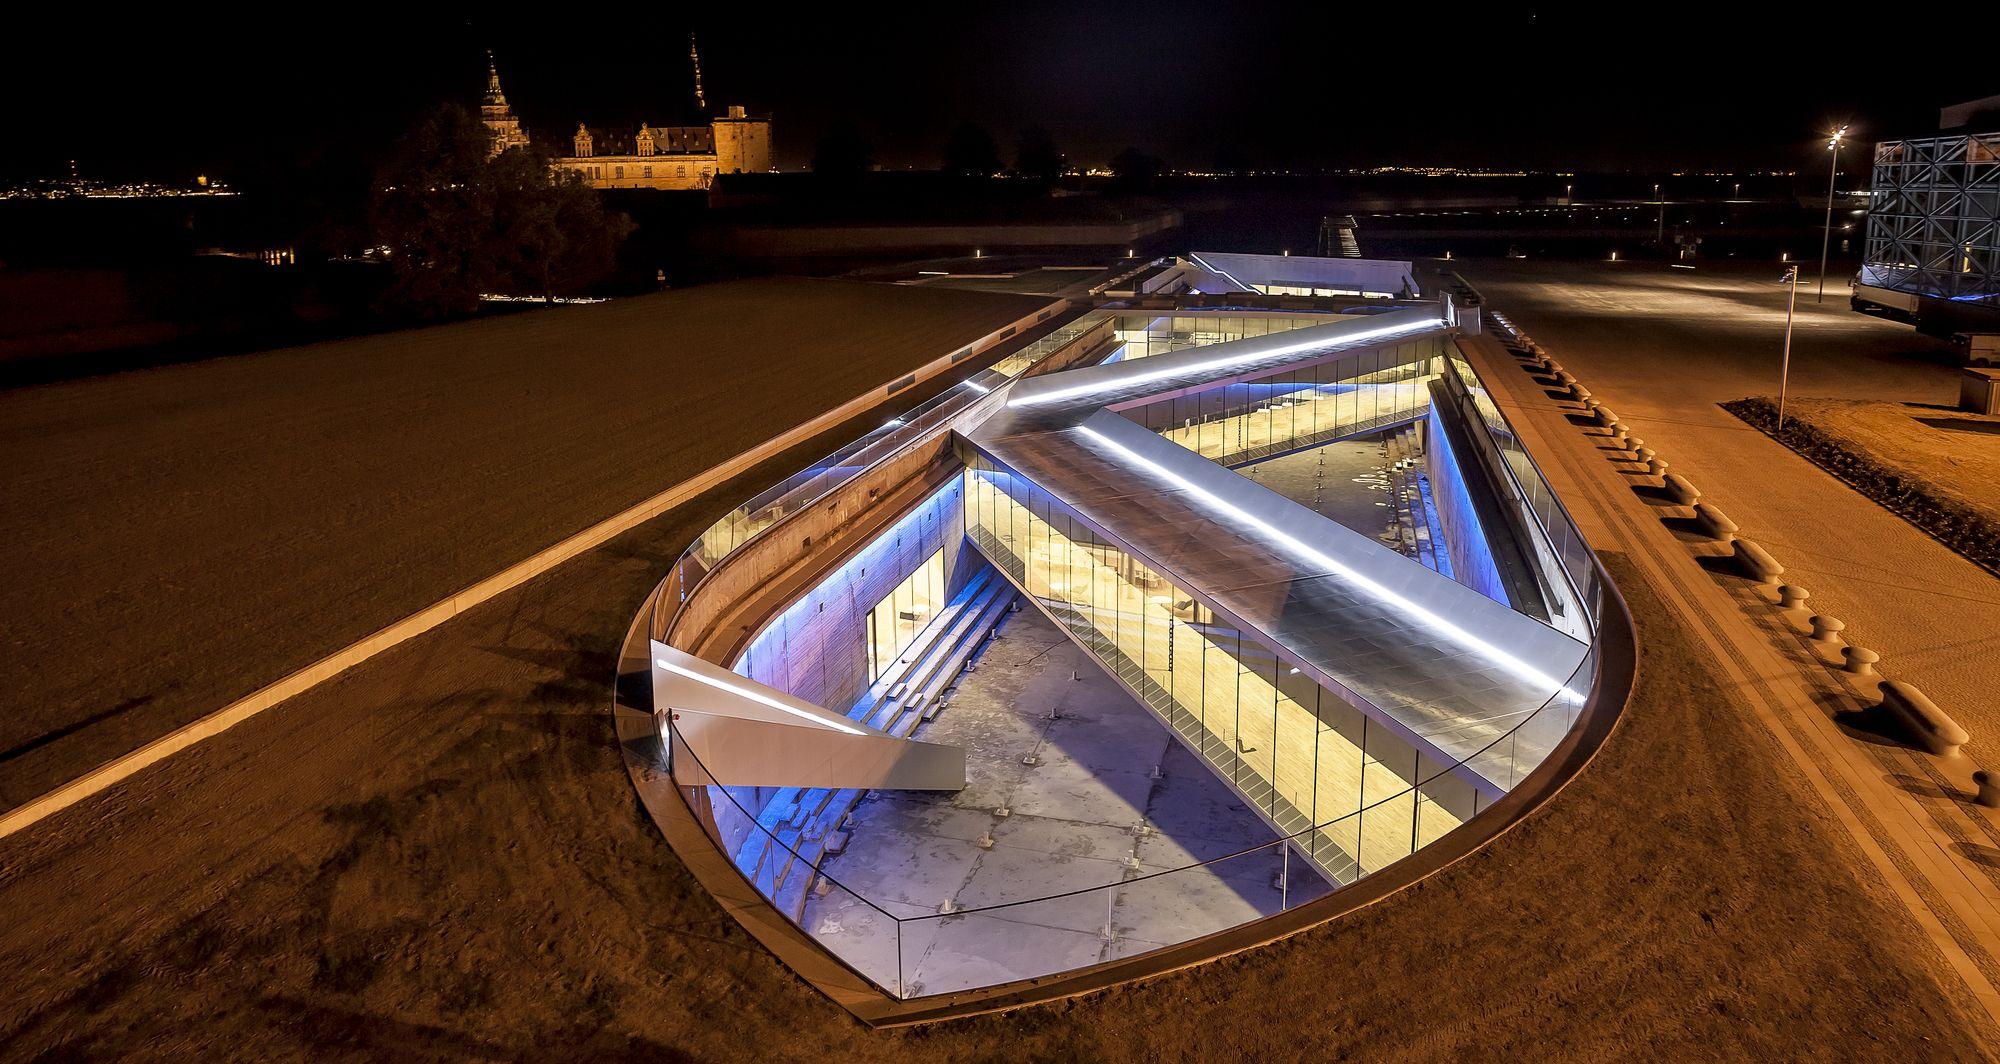 Bảo tàng hàng hải Đan Mạch